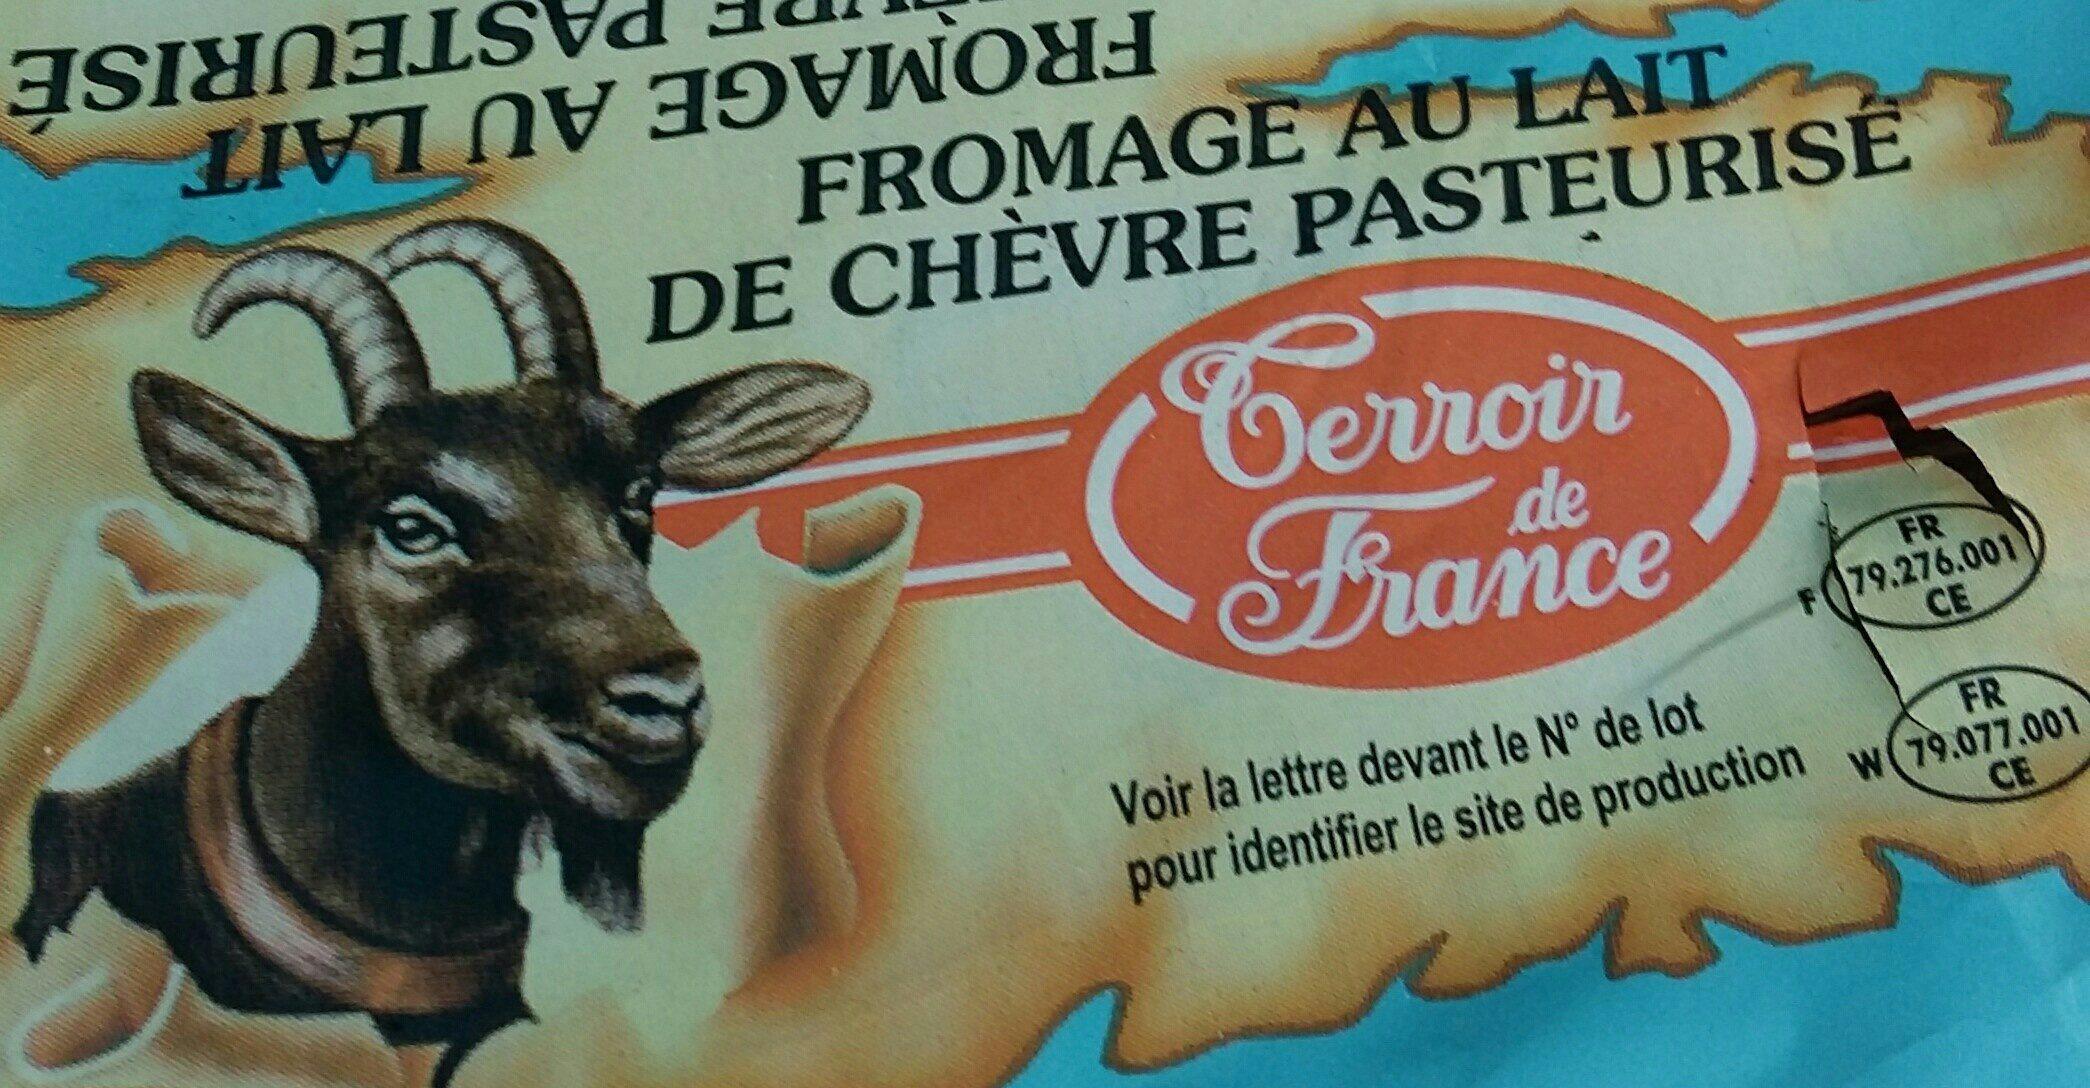 Fromage Au Lait De Chèvre Pasteurisé - Ingrediënten - fr